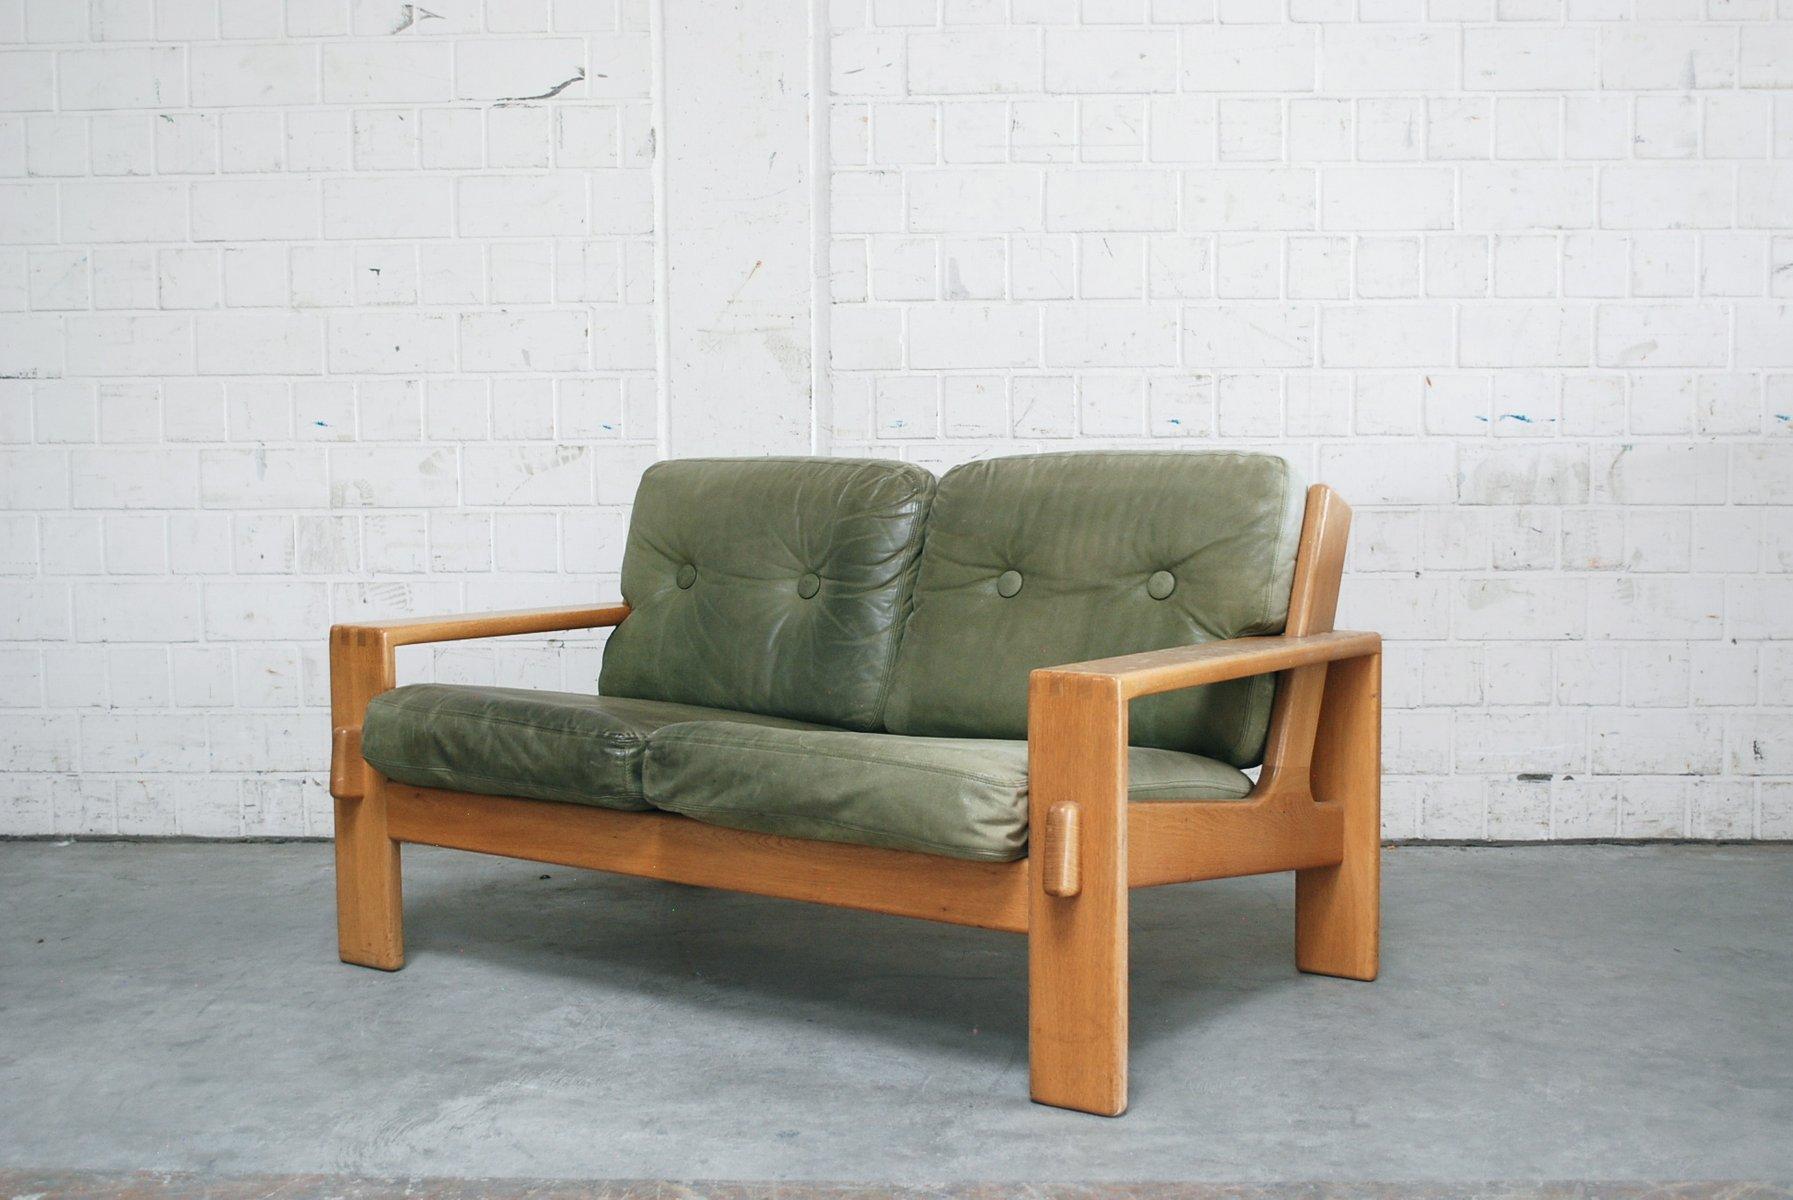 Vintage Bonanza Green Leather Sofa By Esko Pajamies For Asko